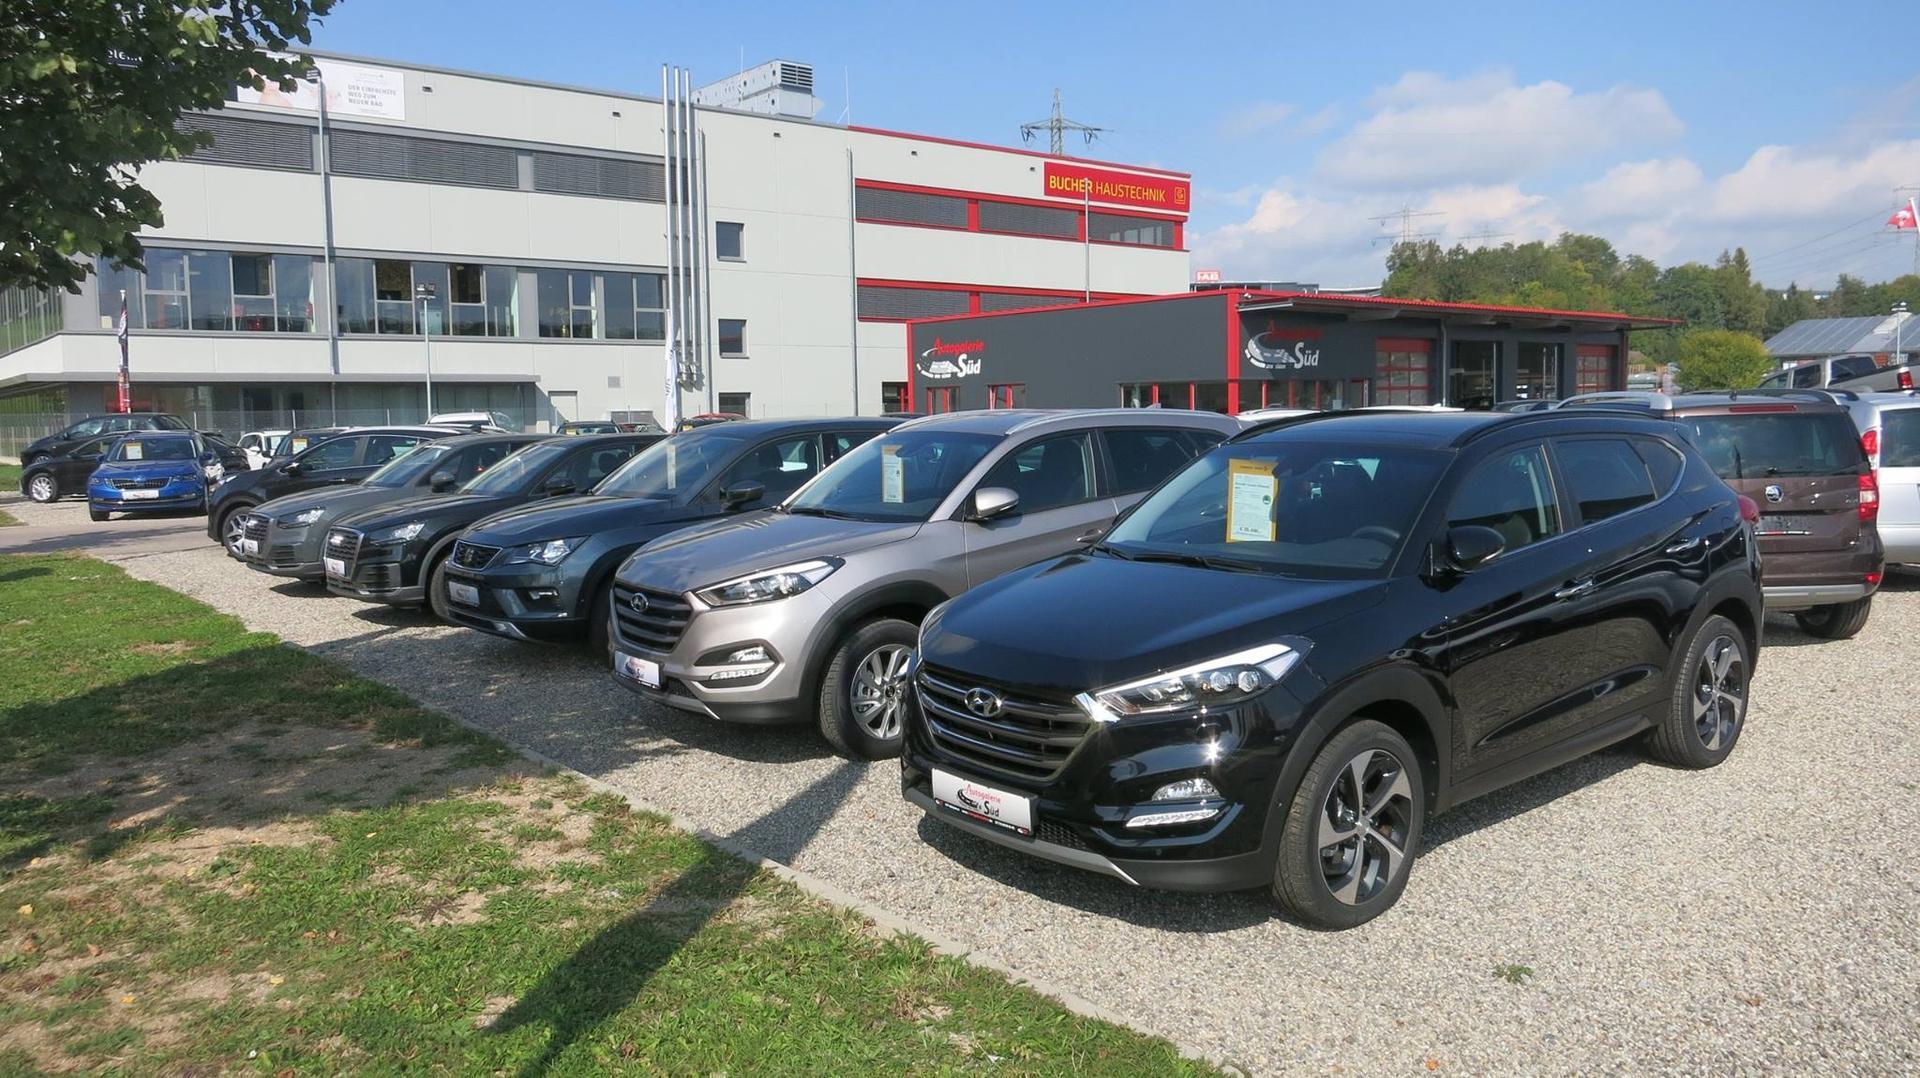 Autogalerie Süd e.K. - Ihr Spezialist für EU-Neuwagen, Gebrauchtwagen, Jahreswagen!